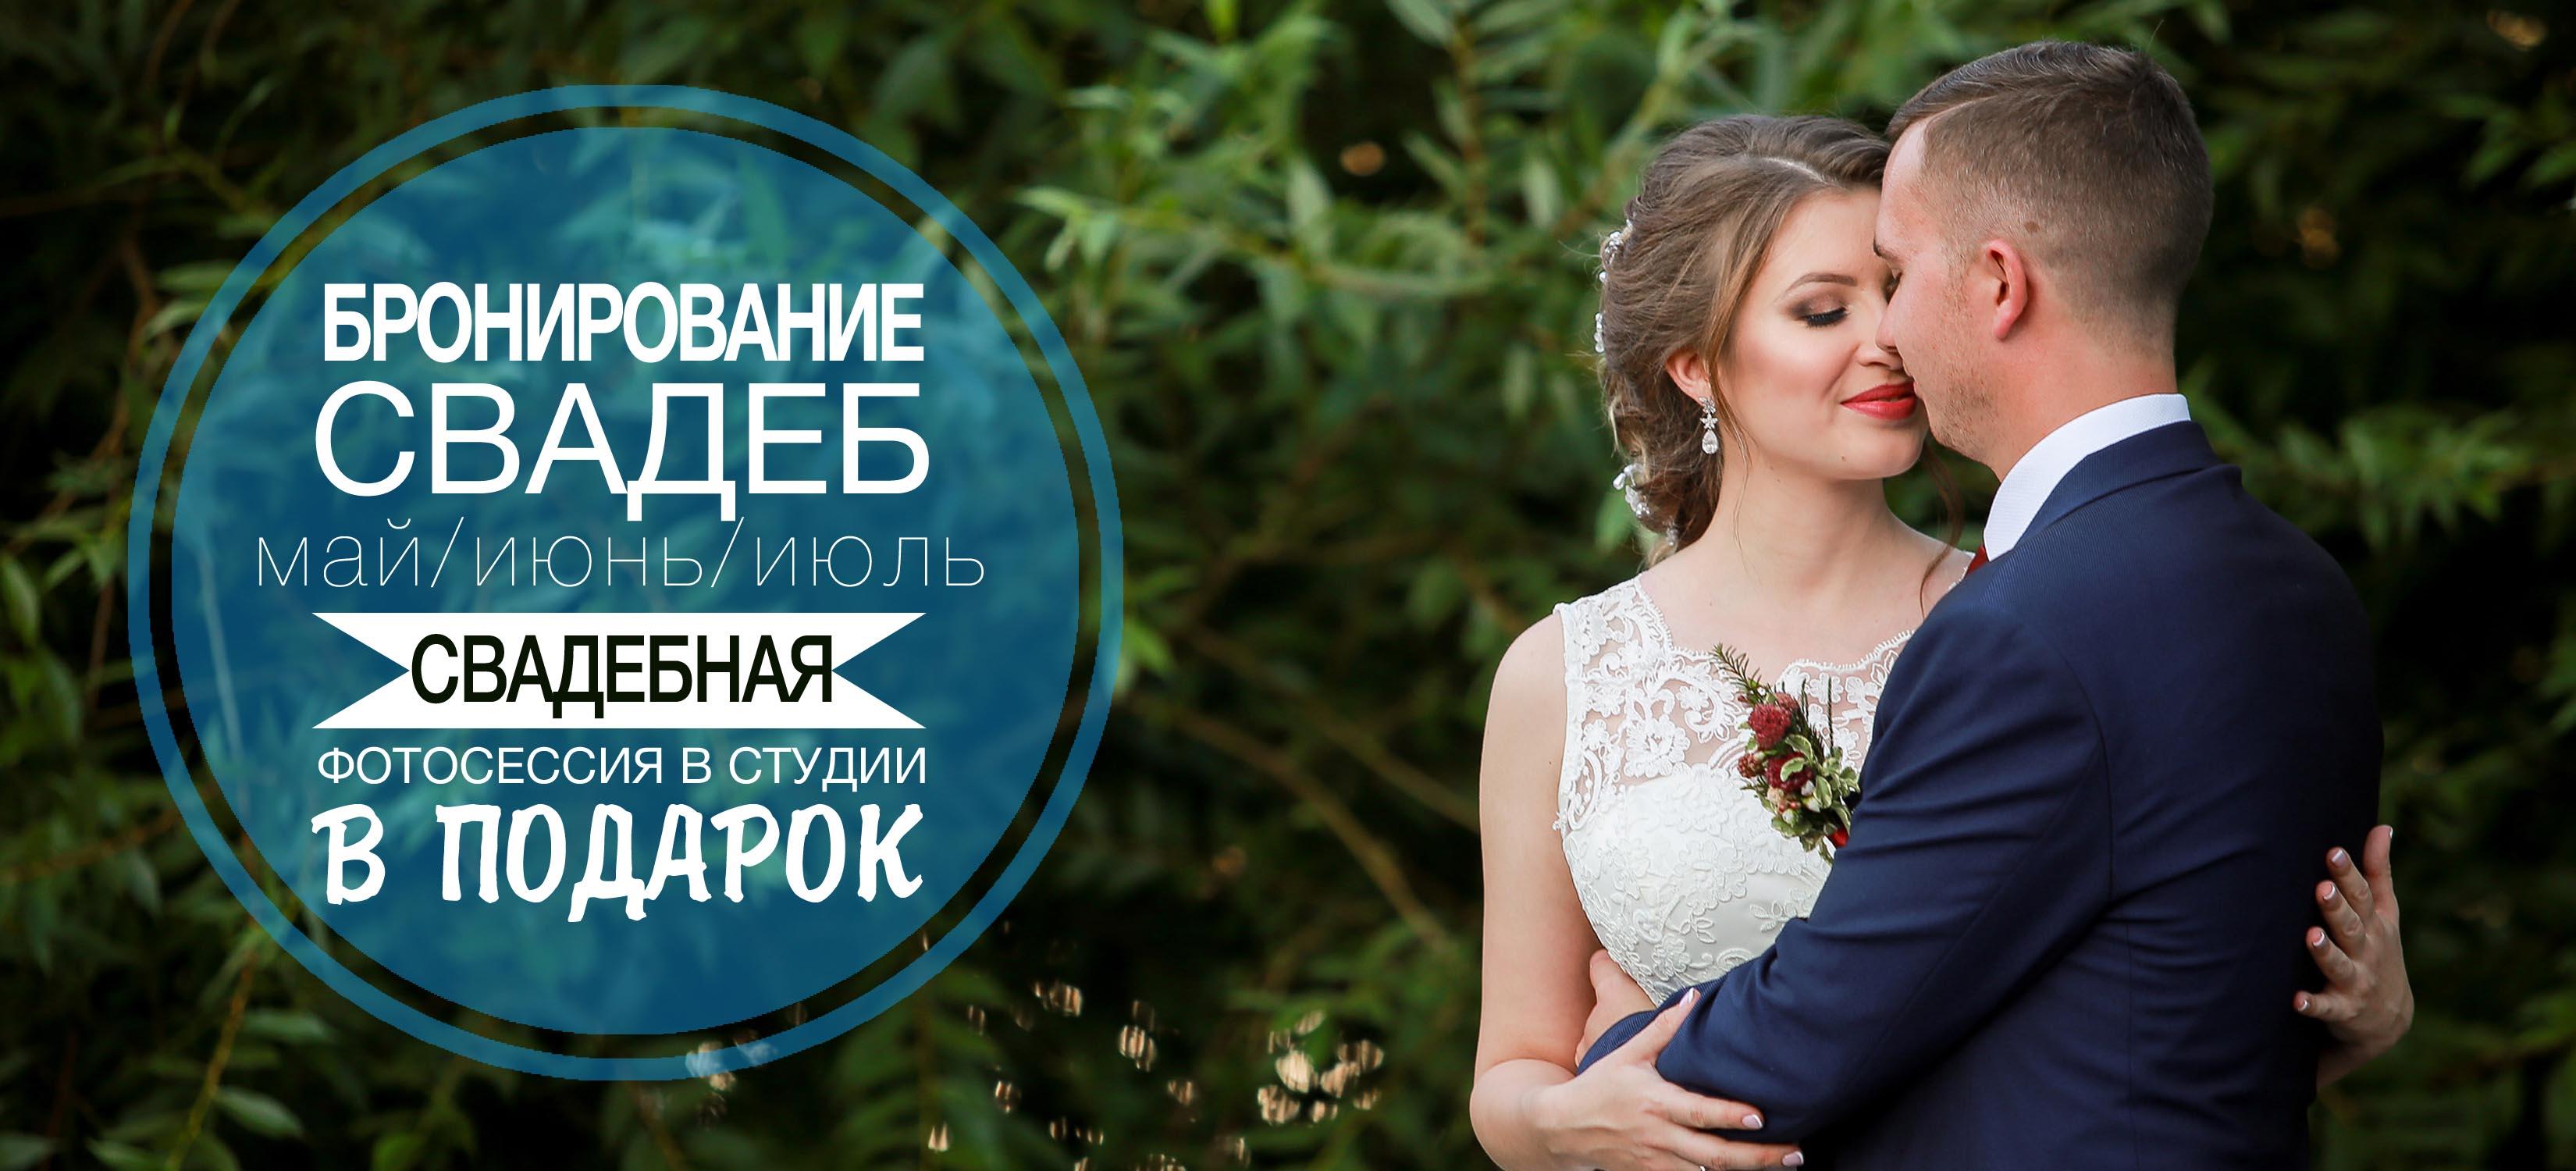 Свадебный фотограф, заказать фотографа на свадьбу, фотограф на свадьбу